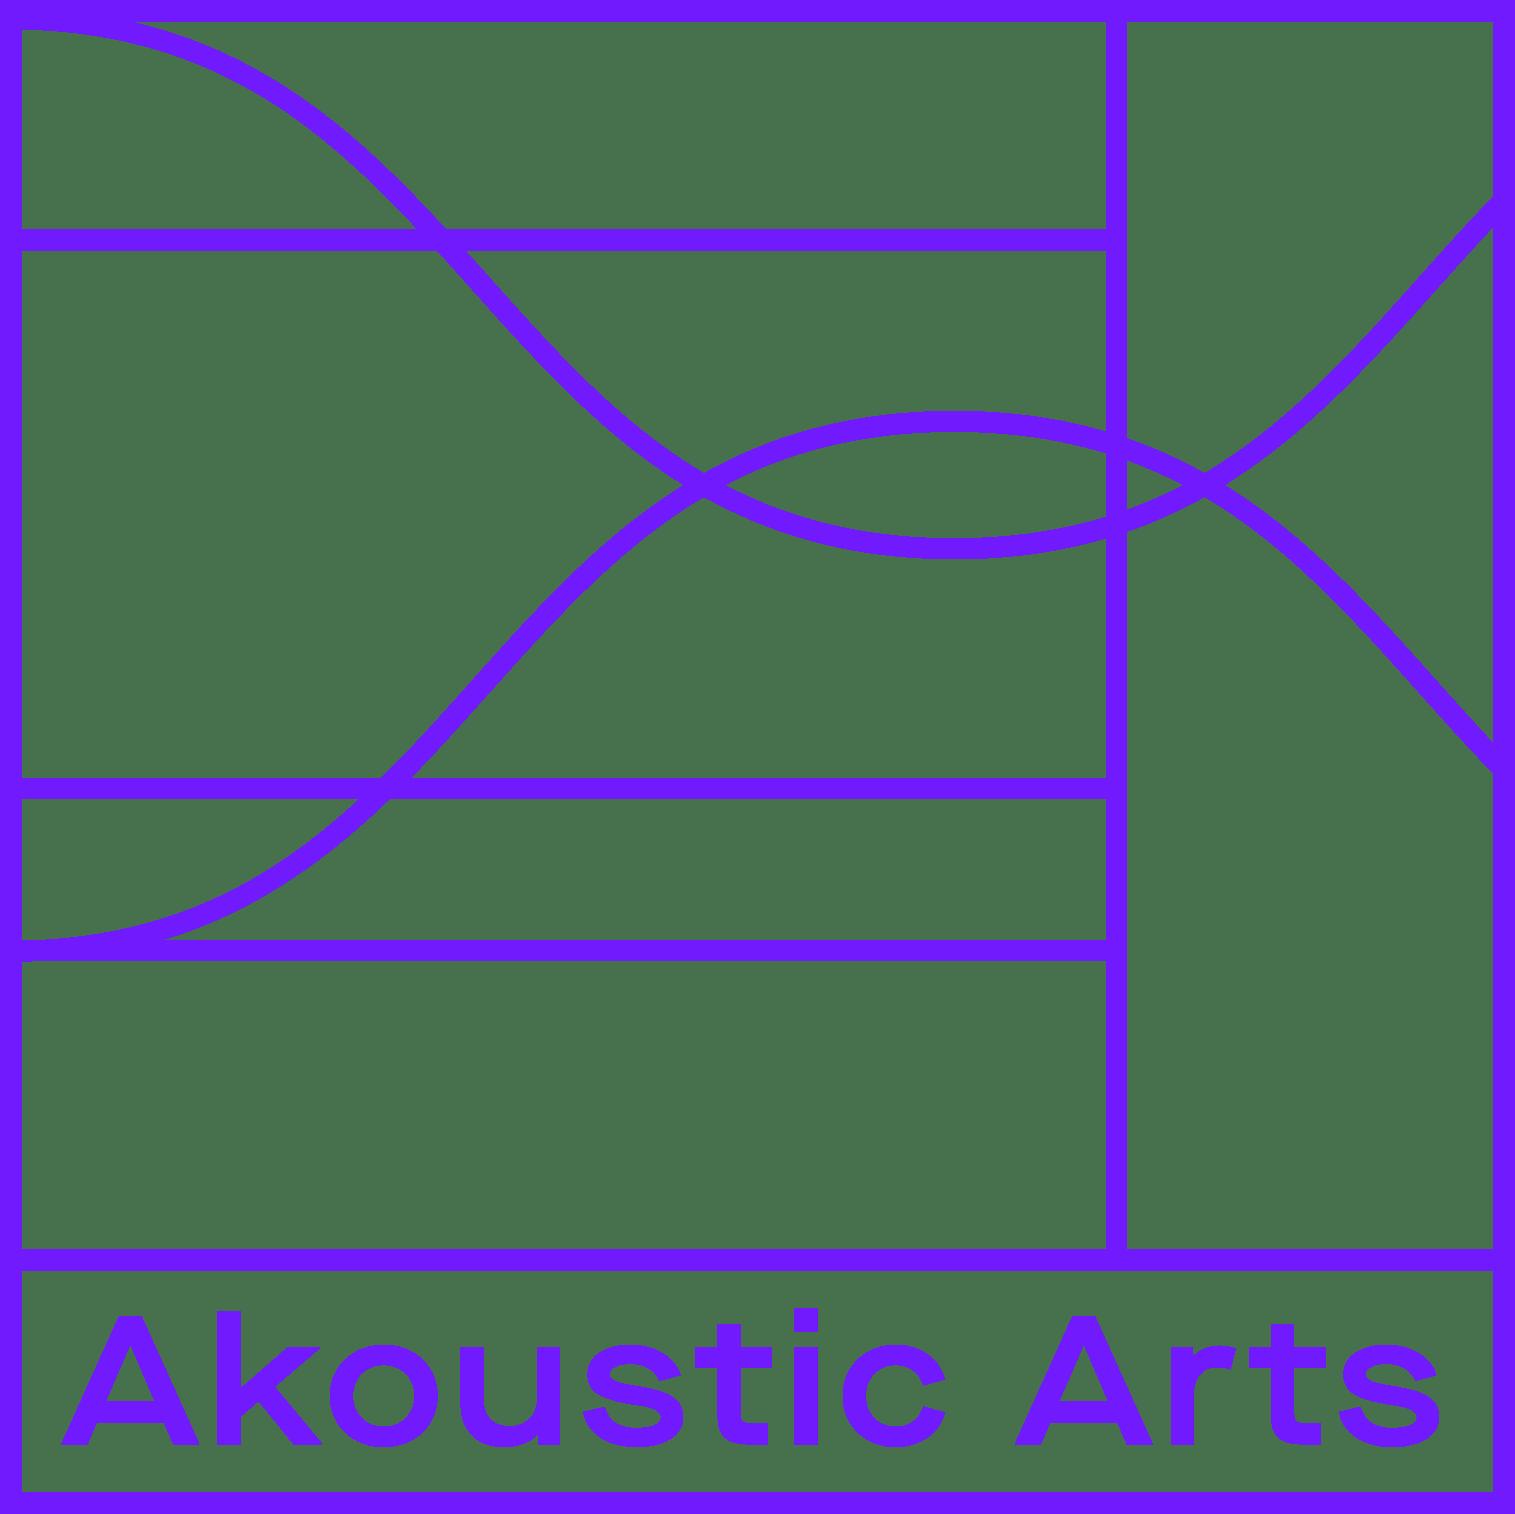 Logo Akoustic arts